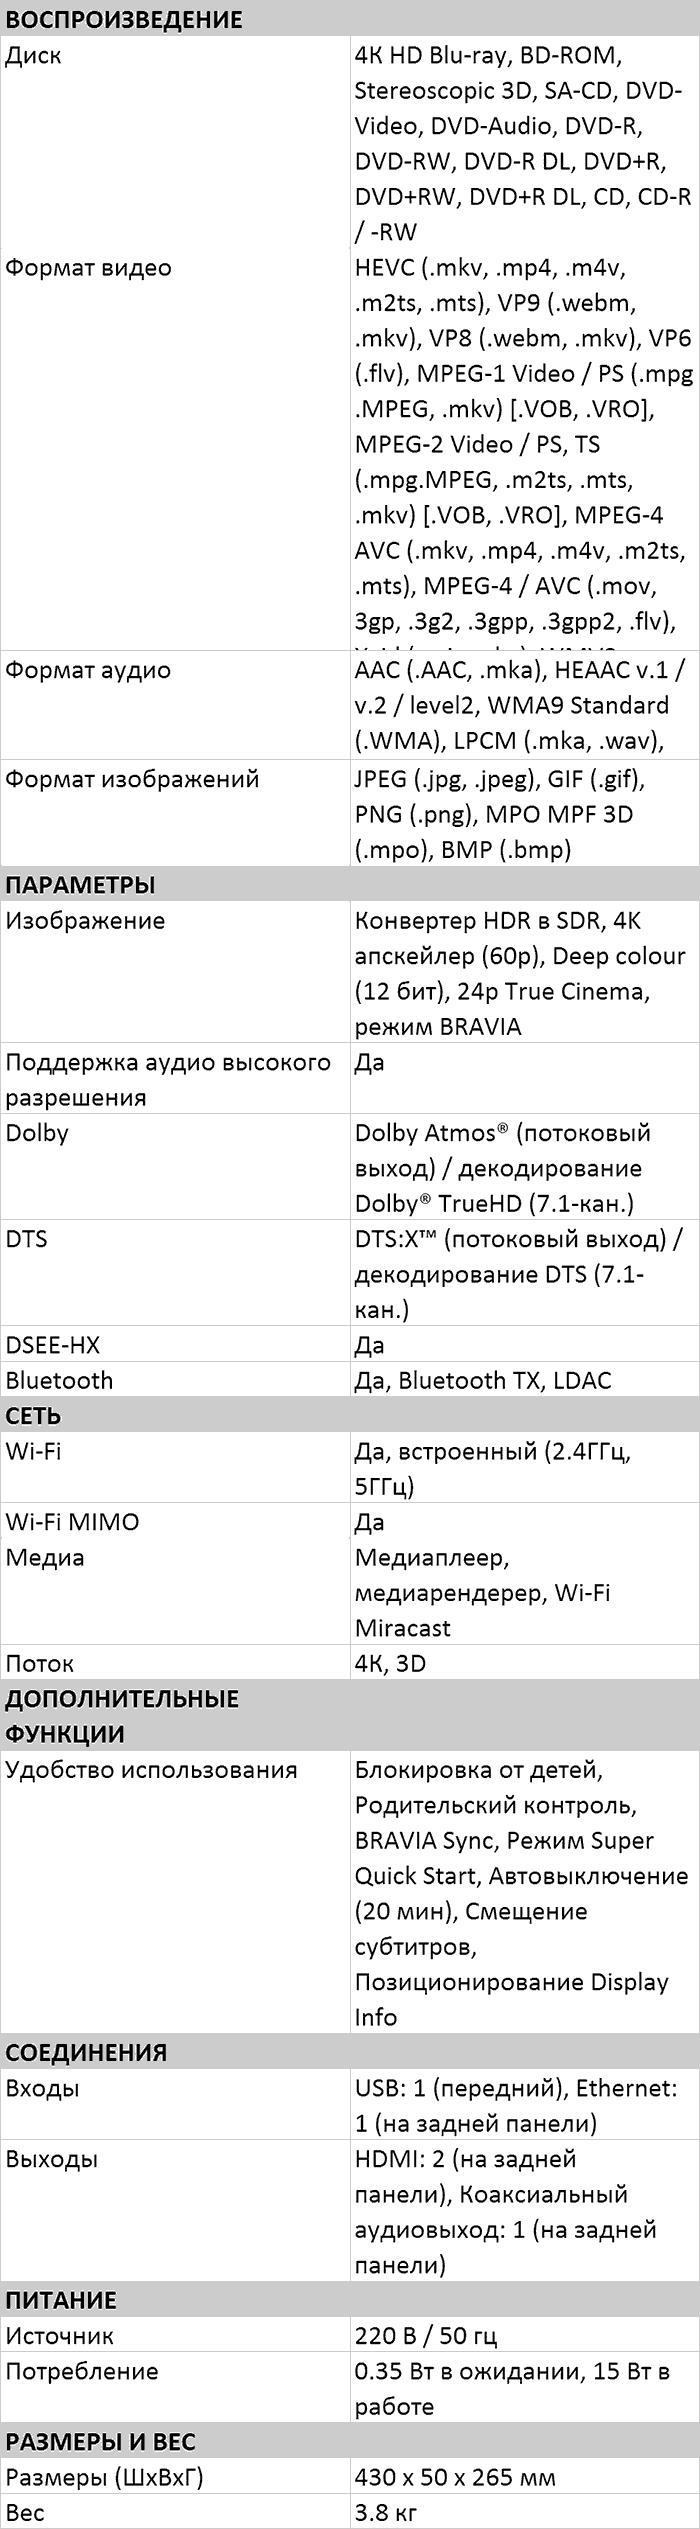 Характеристики X800M2